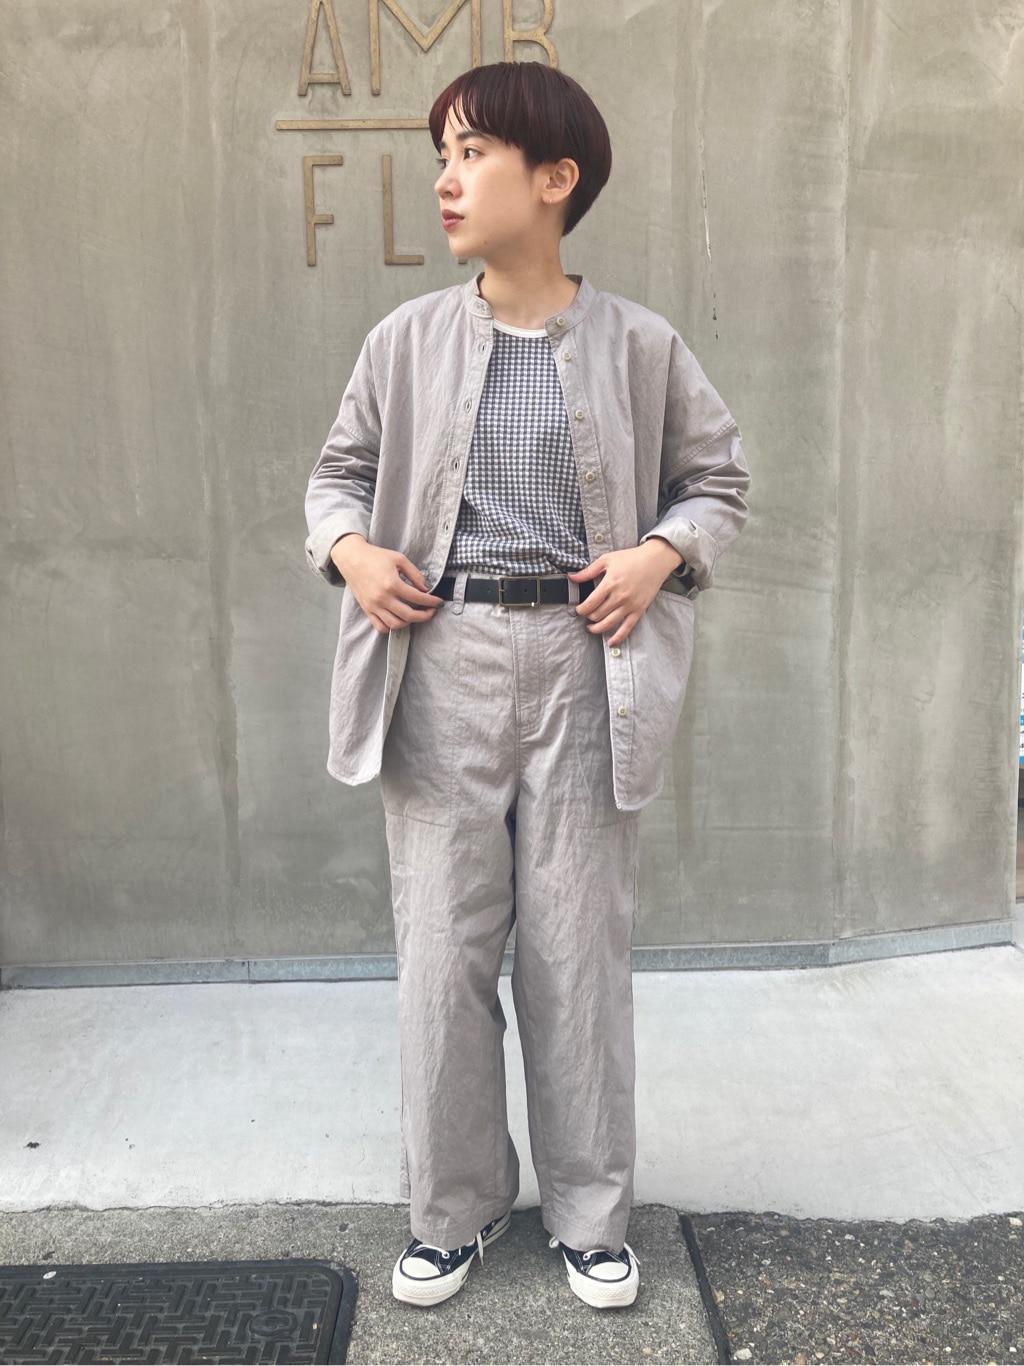 - PAR ICI FLAT AMB 名古屋栄路面 身長:156cm 2021.02.26